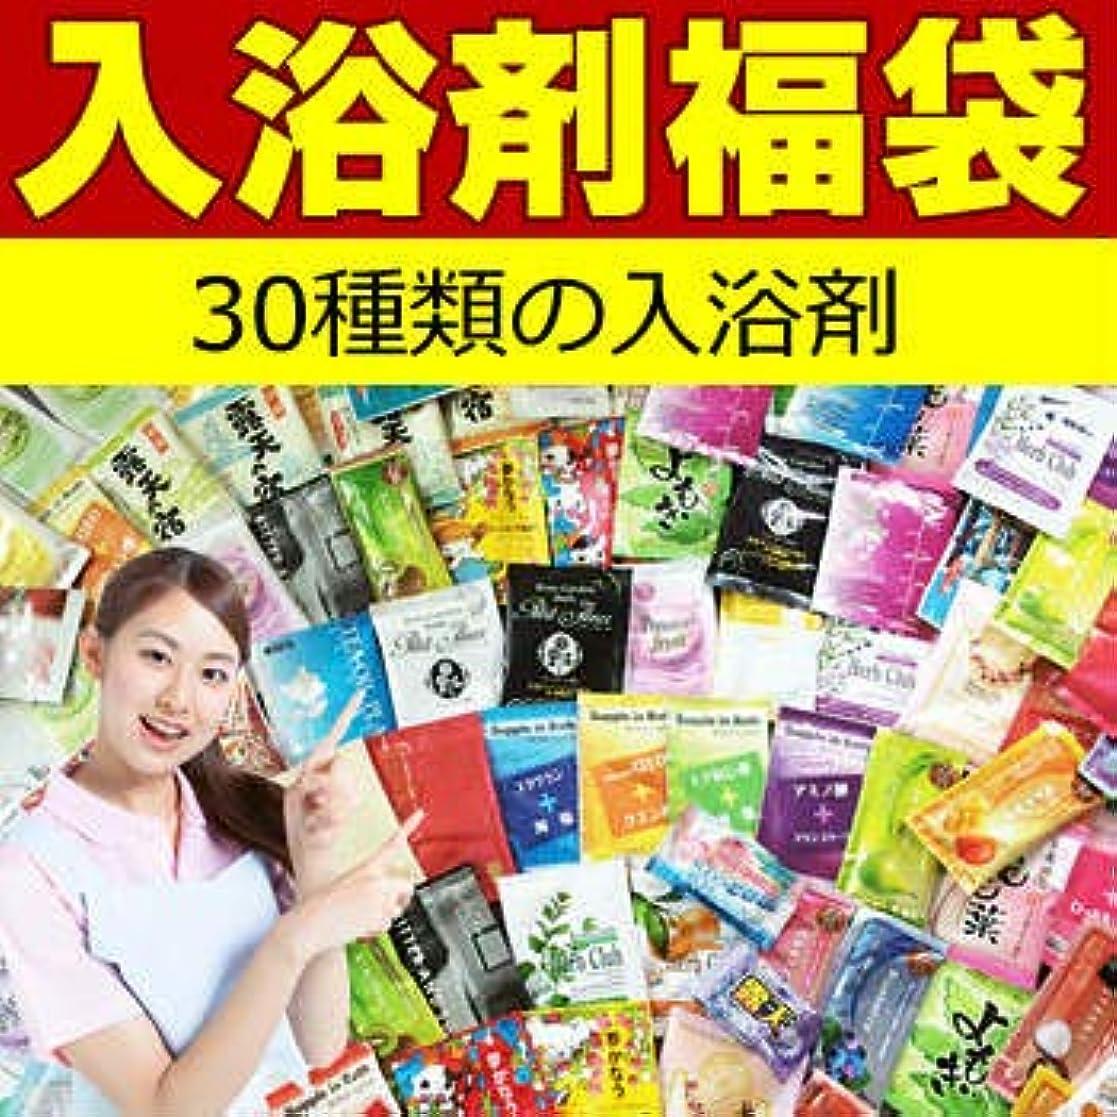 保護するモチーフテキスト福袋 入浴剤 30種類30日分 日本製